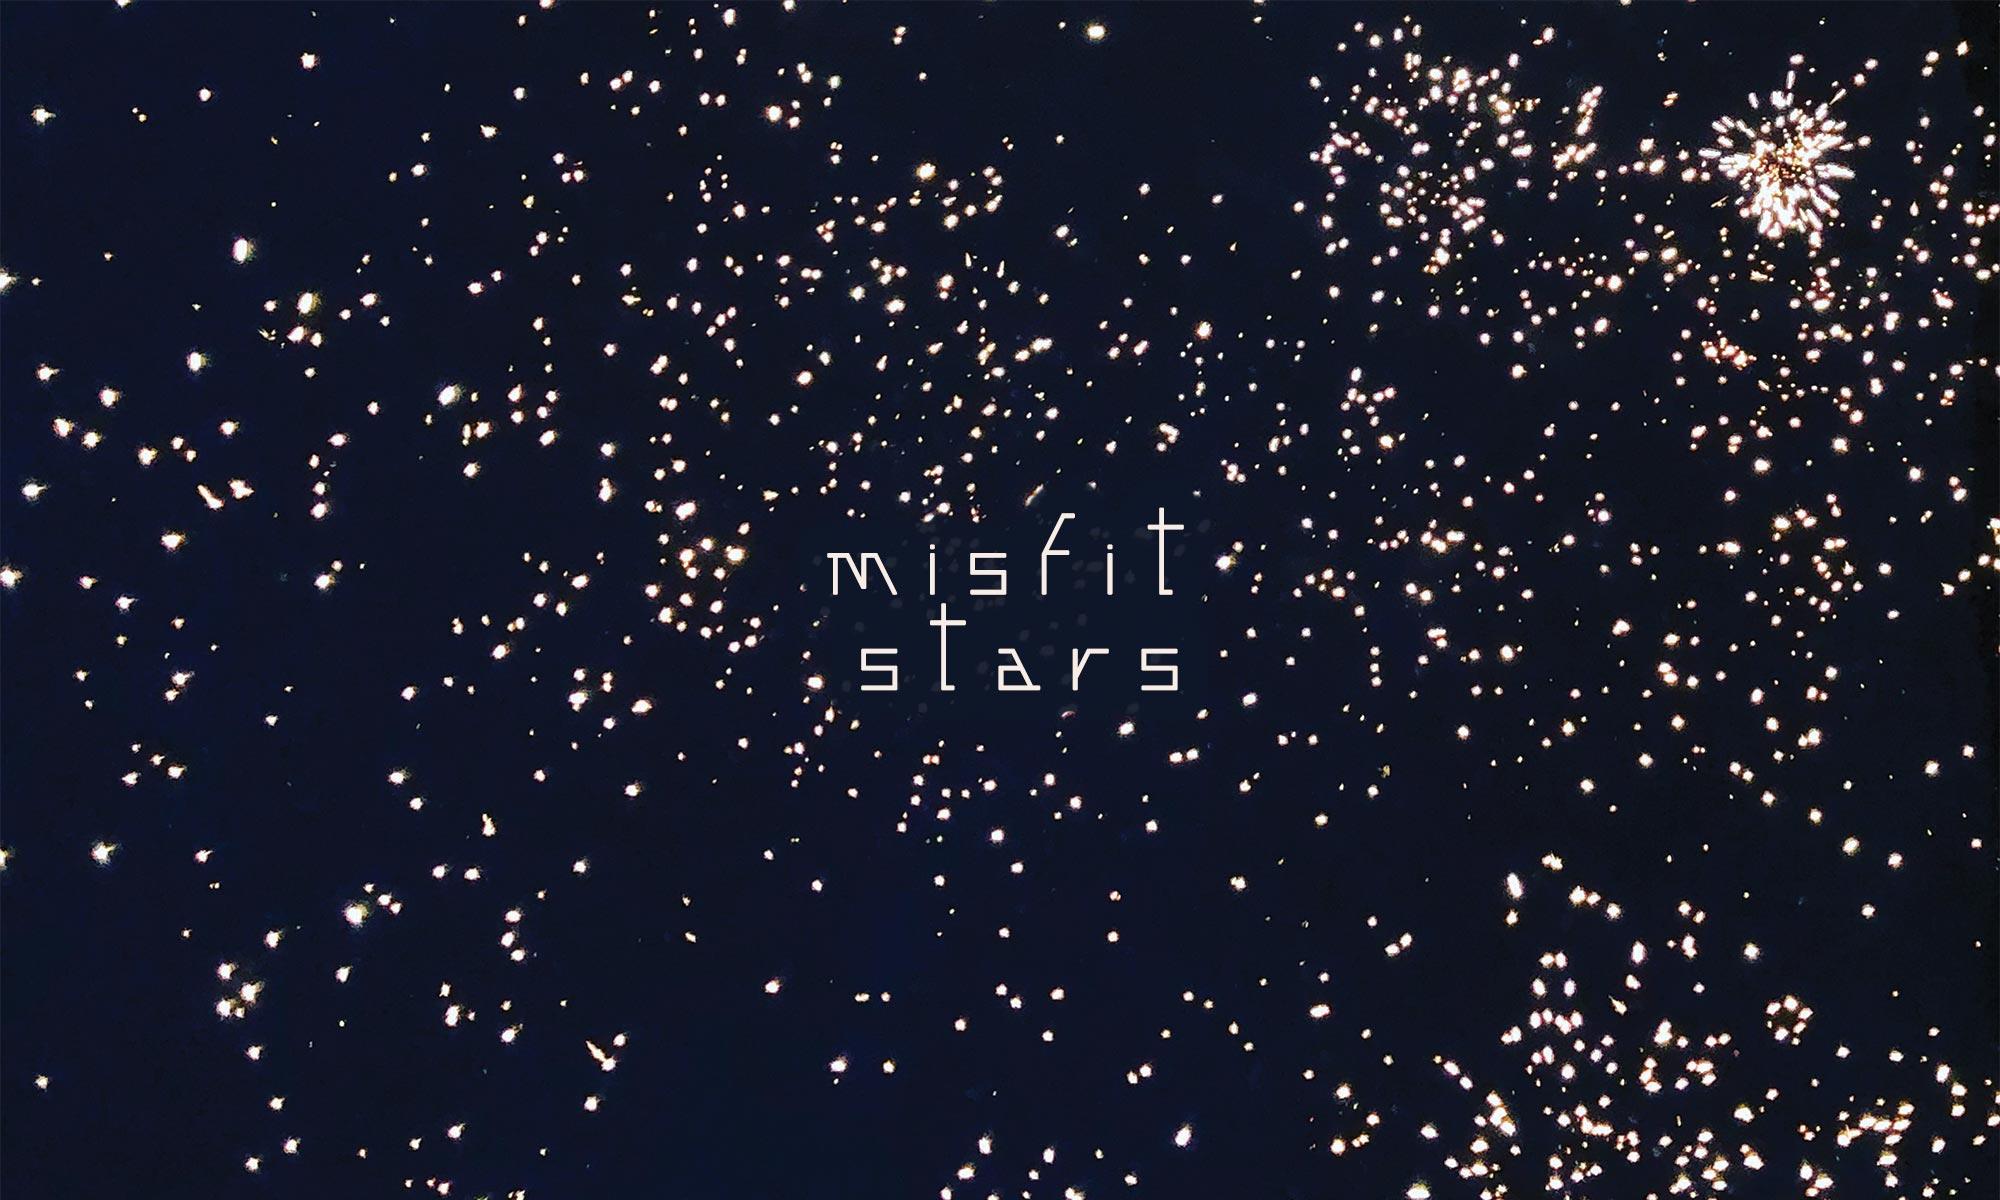 Misfit Stars